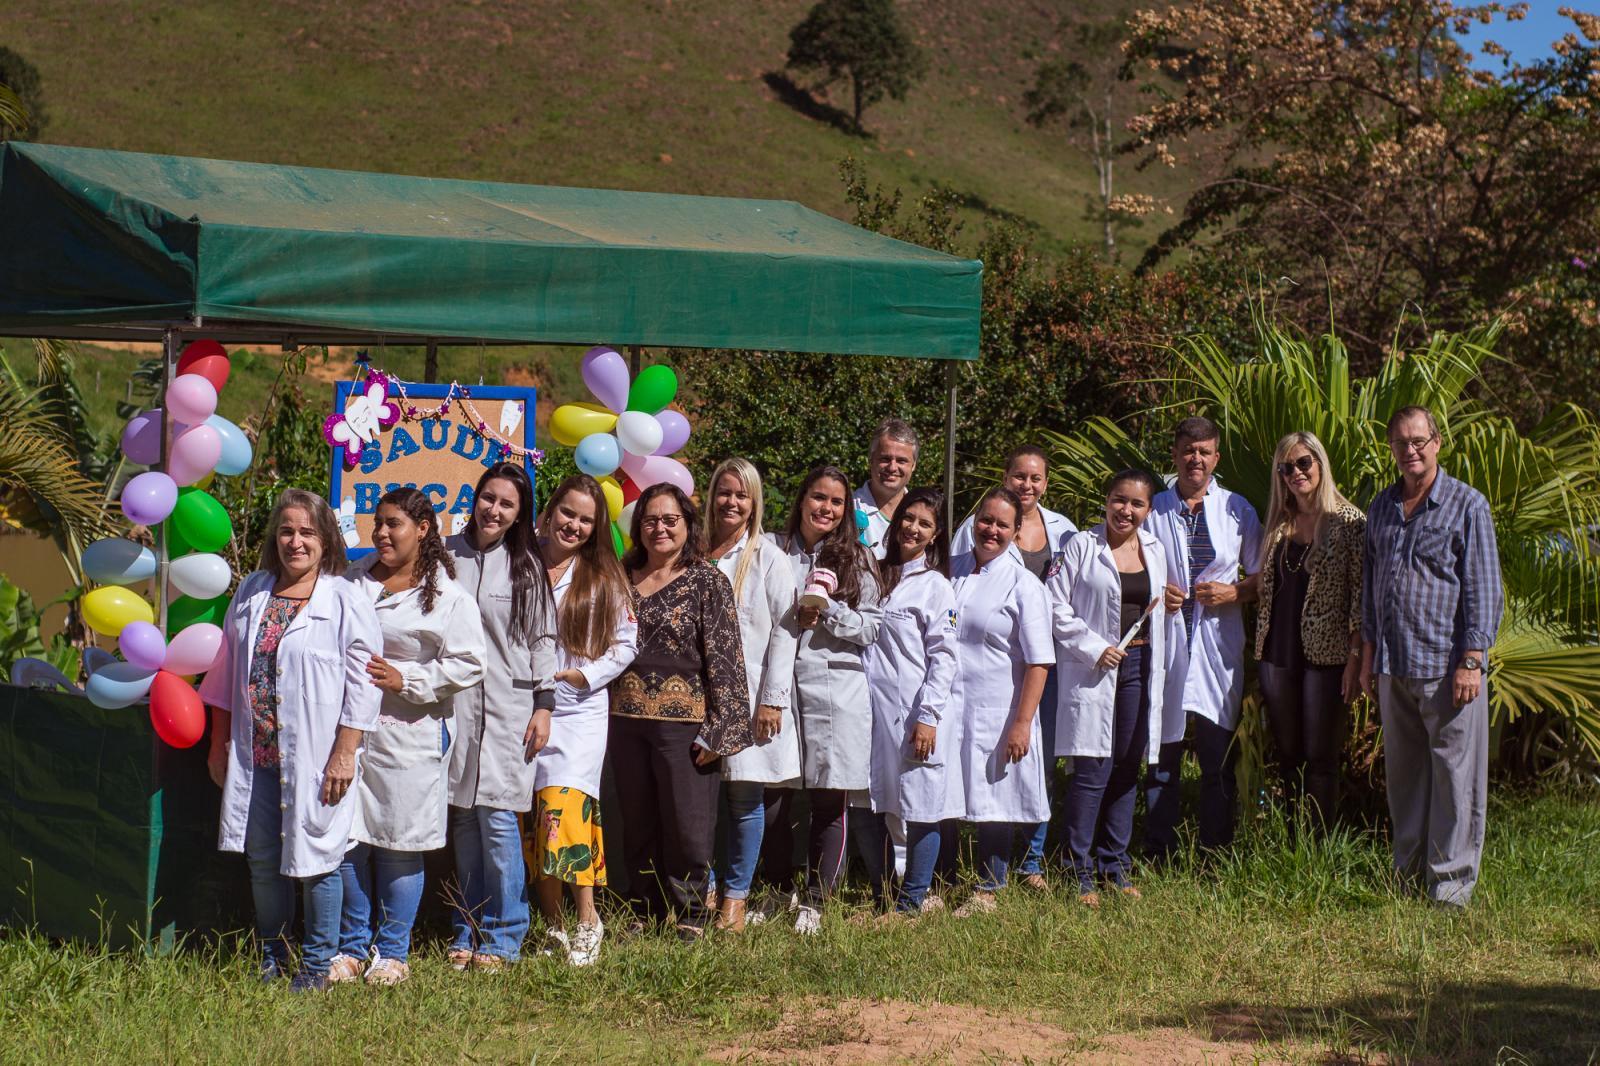 Exames, consultas, cortes de cabelo entre outros no mutirão da saúde em Santa Rosa